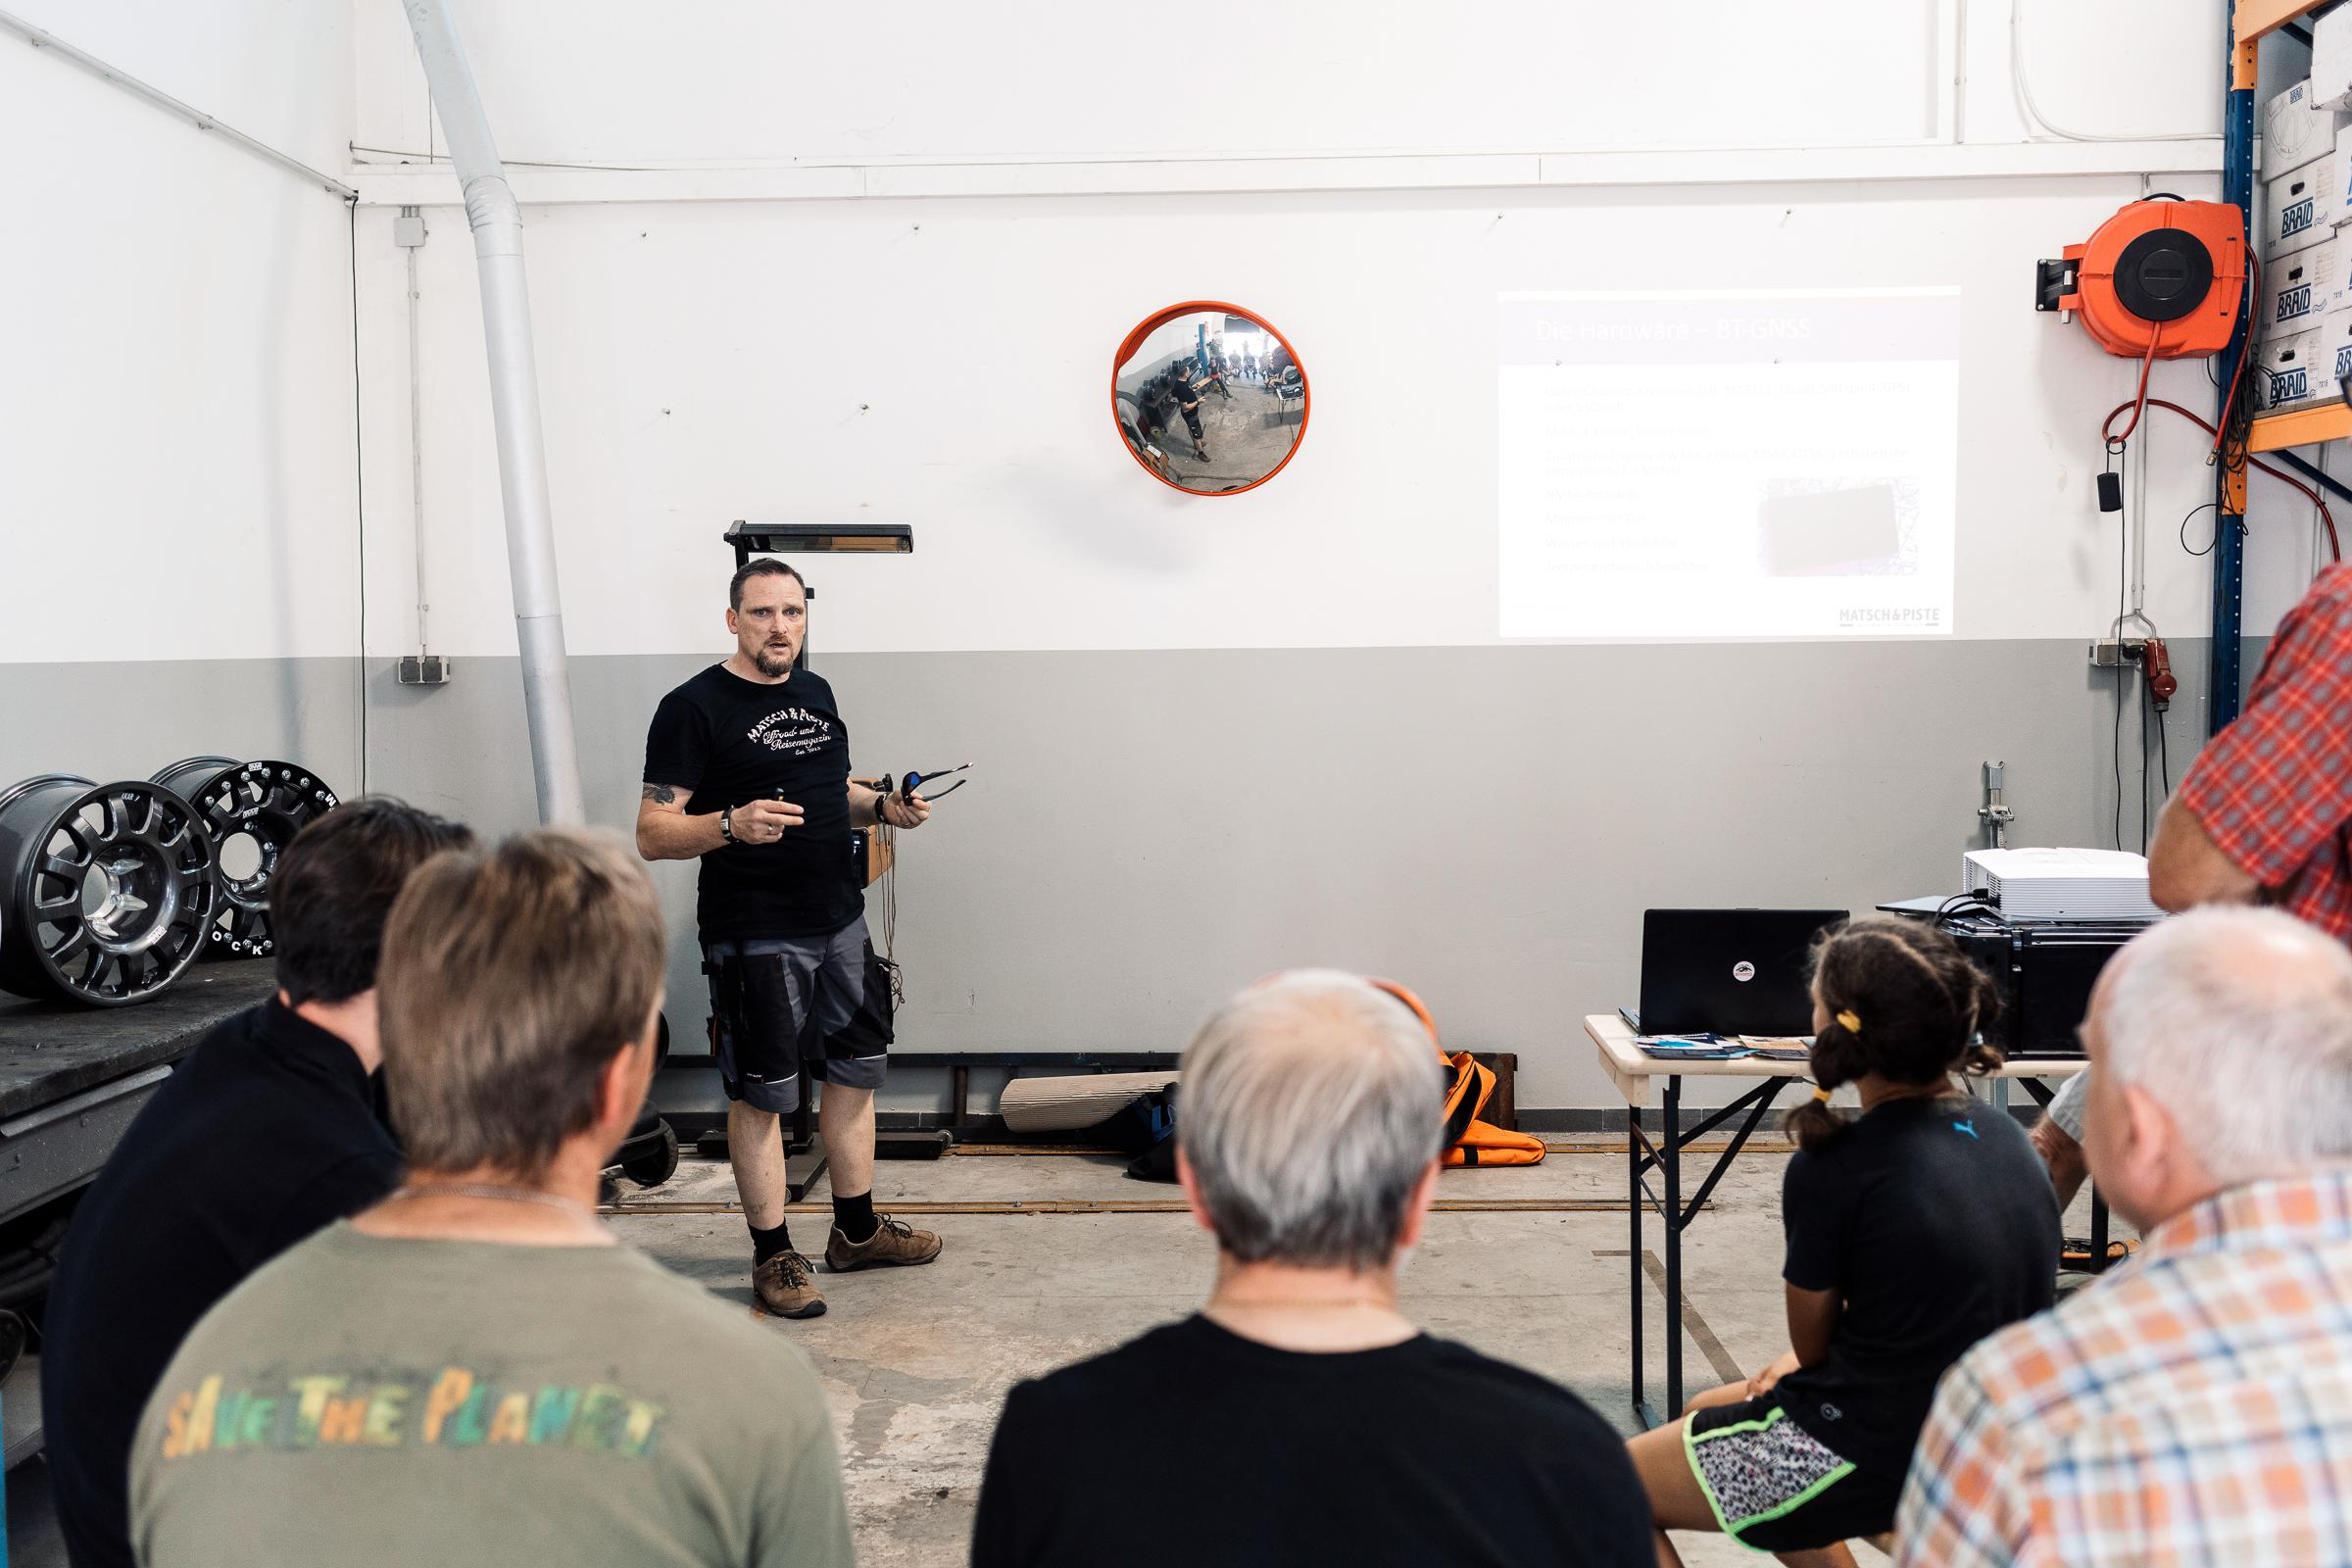 Sommerfest re-suspension 2019 - Navigationsworkshop mit Andres.